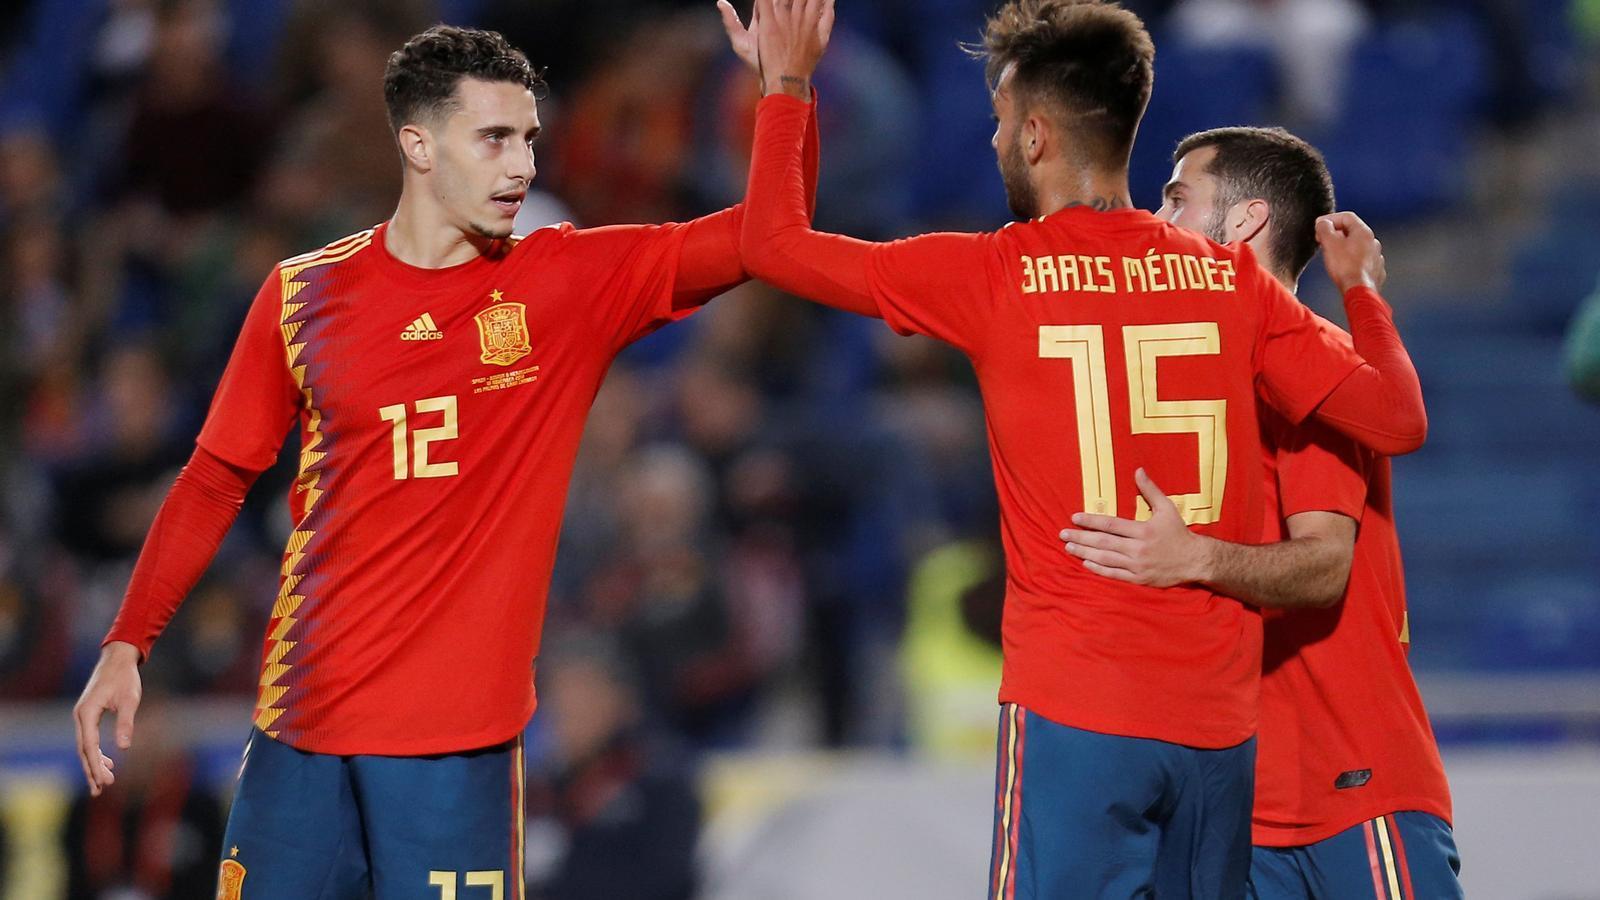 Hermoso debuta en la victòria d'Espanya en un amistós contra Bosnià (1-0)